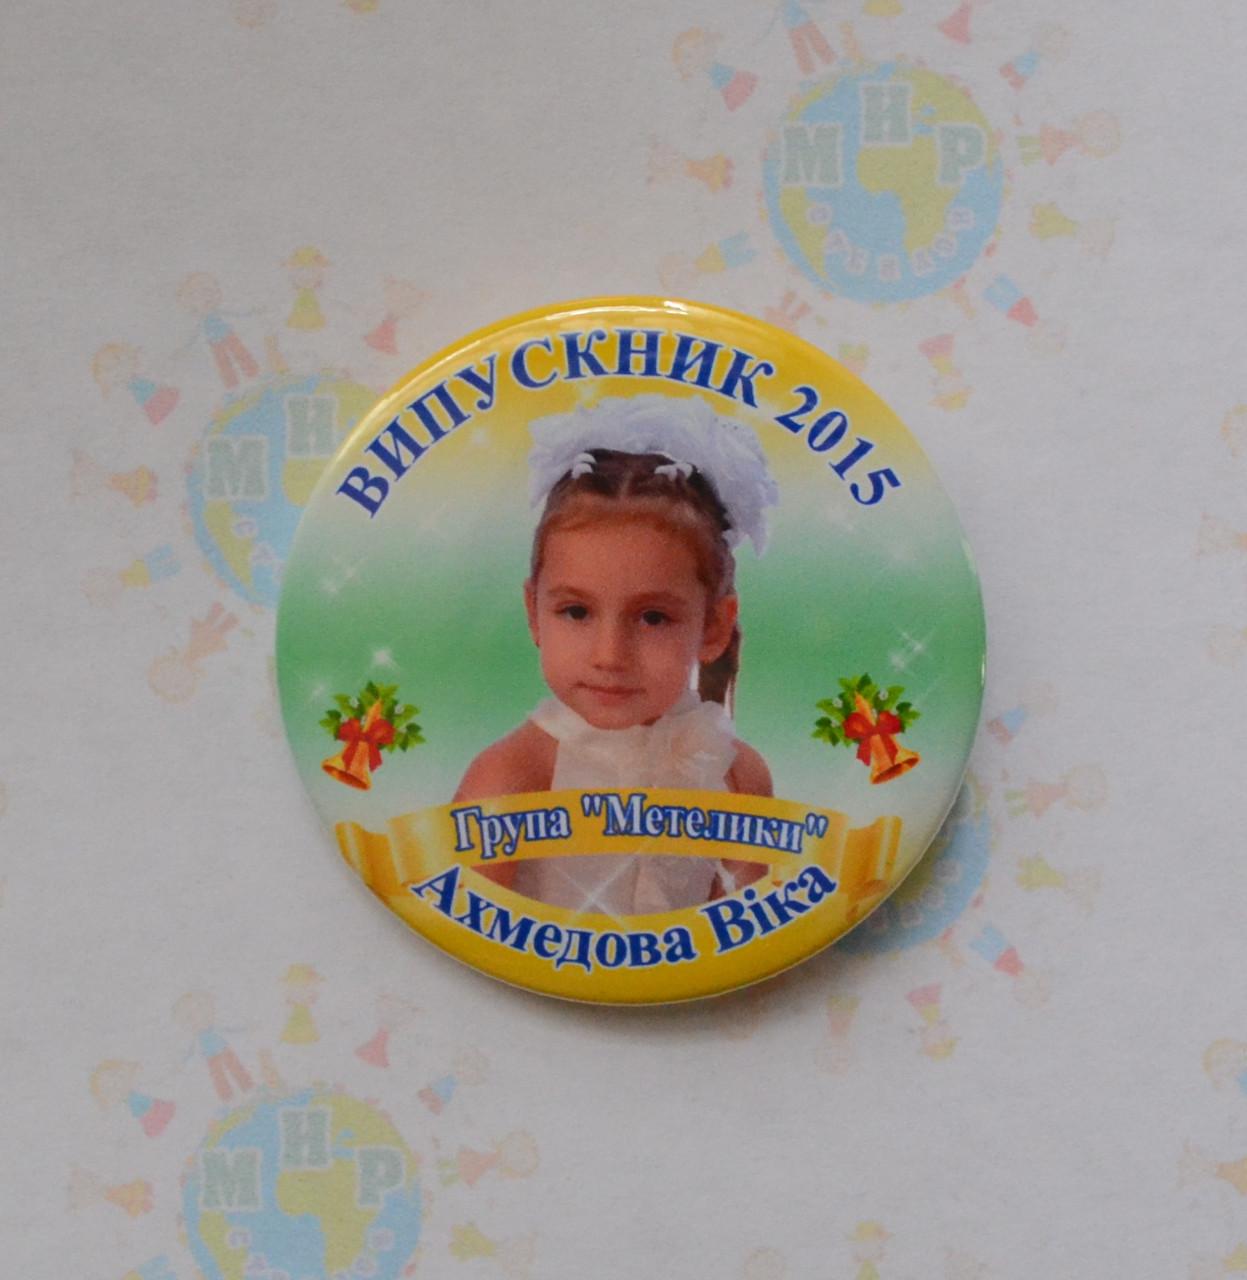 Значки для детского сада с фотографиями